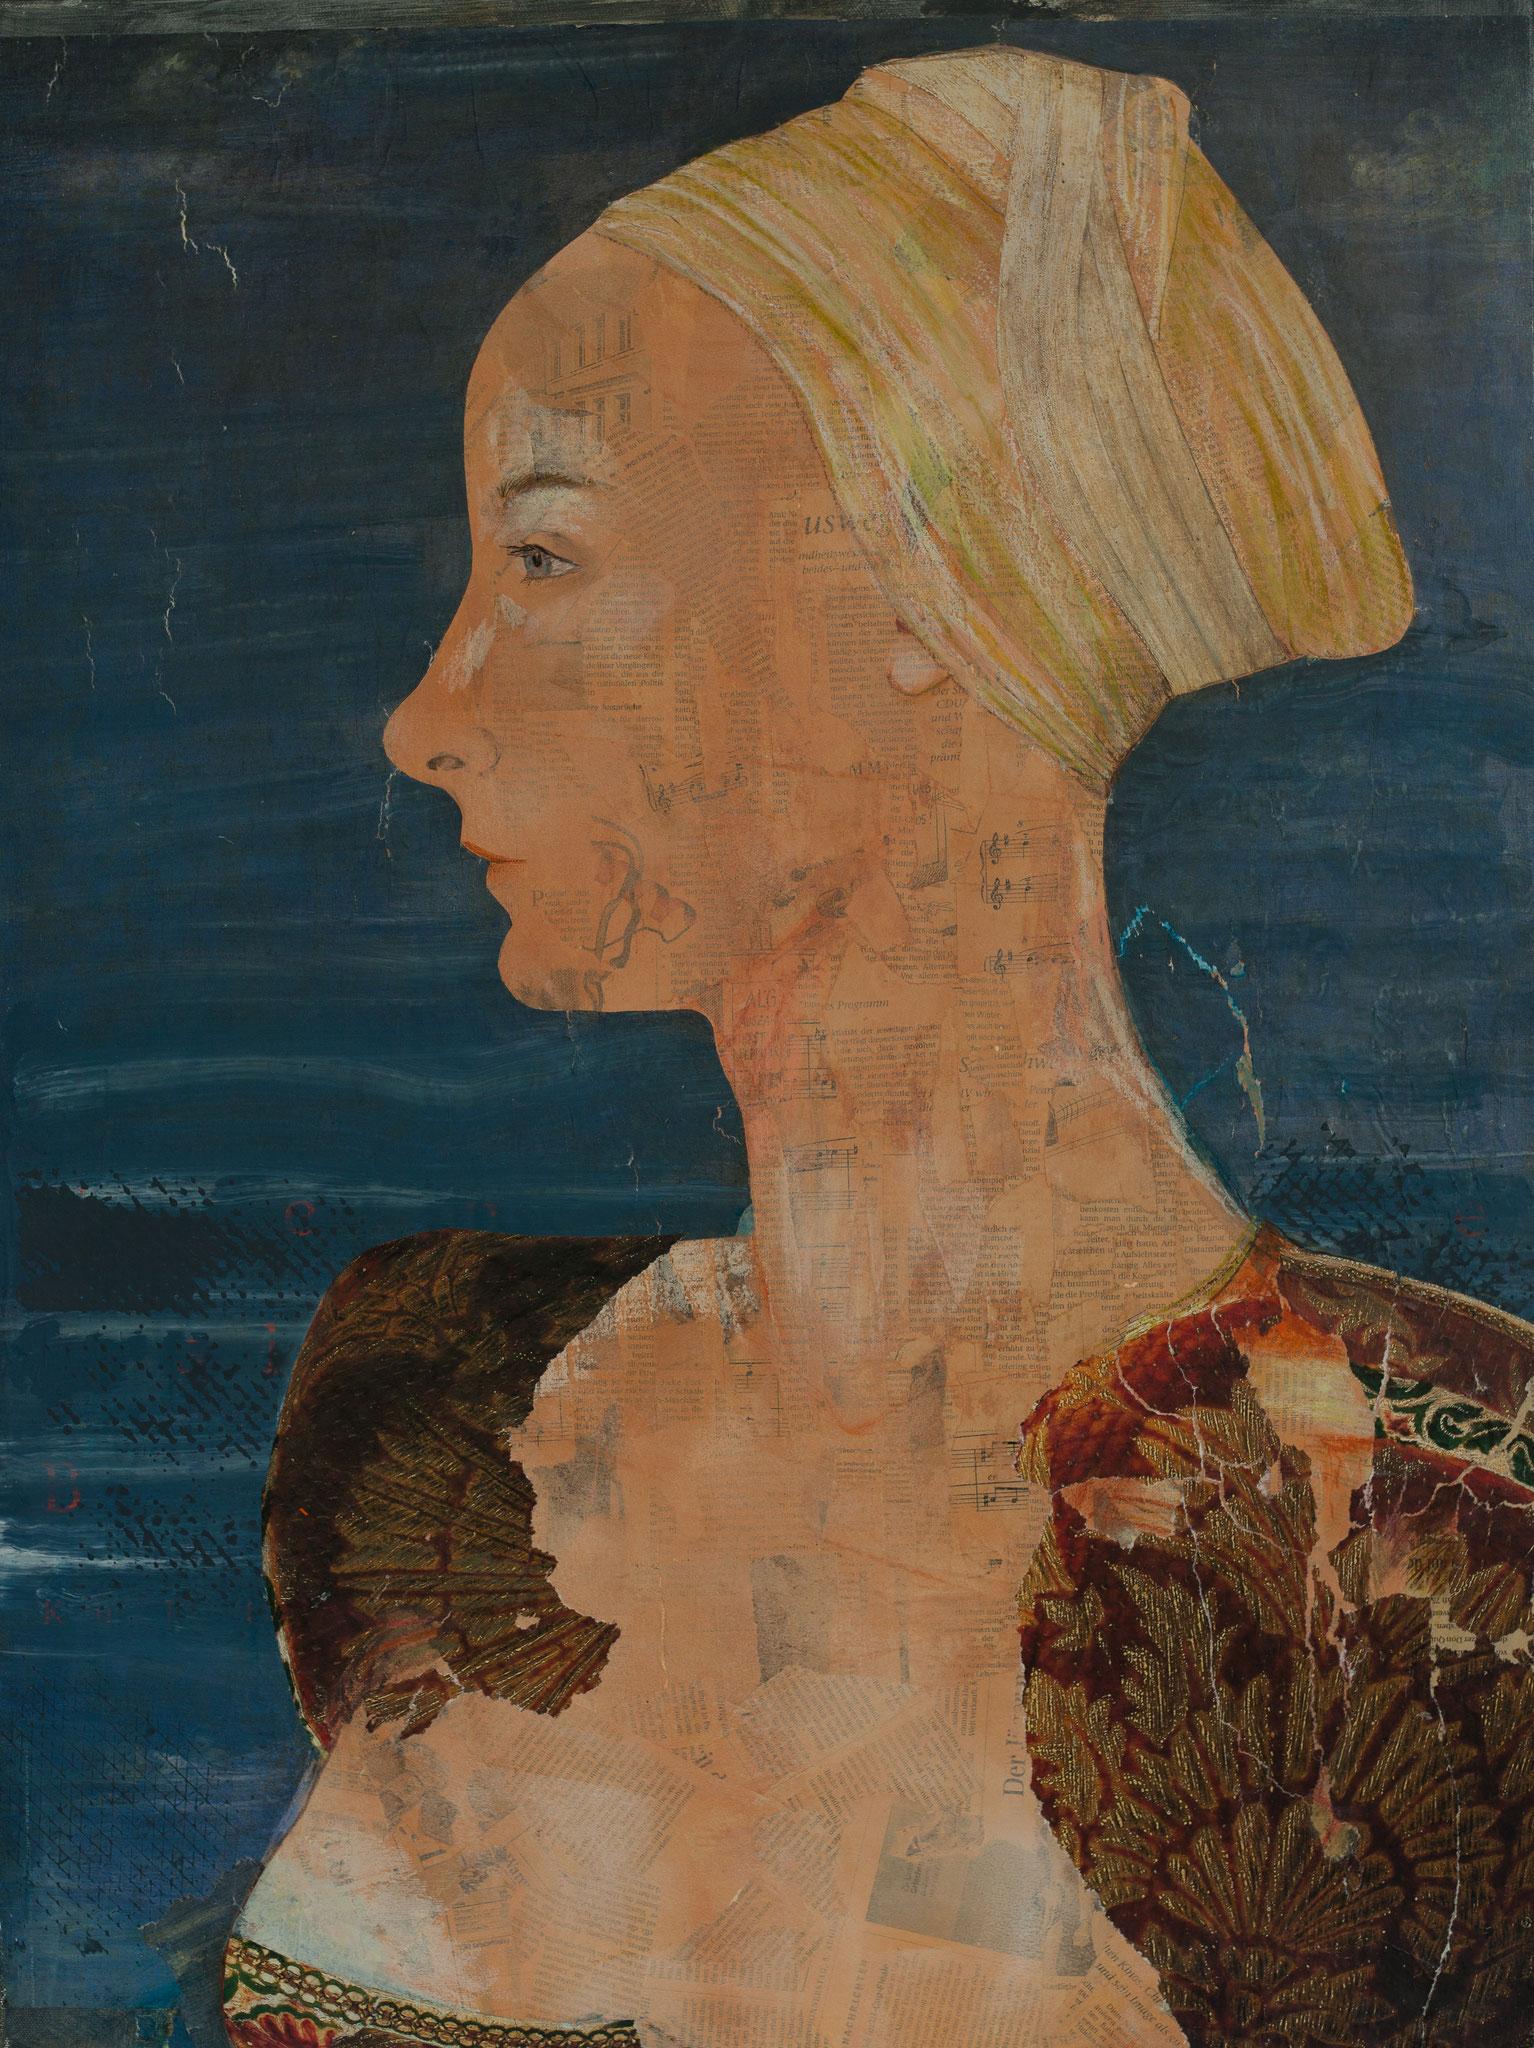 blaublütig, Mischtechnik auf Leinwand, 50 x 70 cm